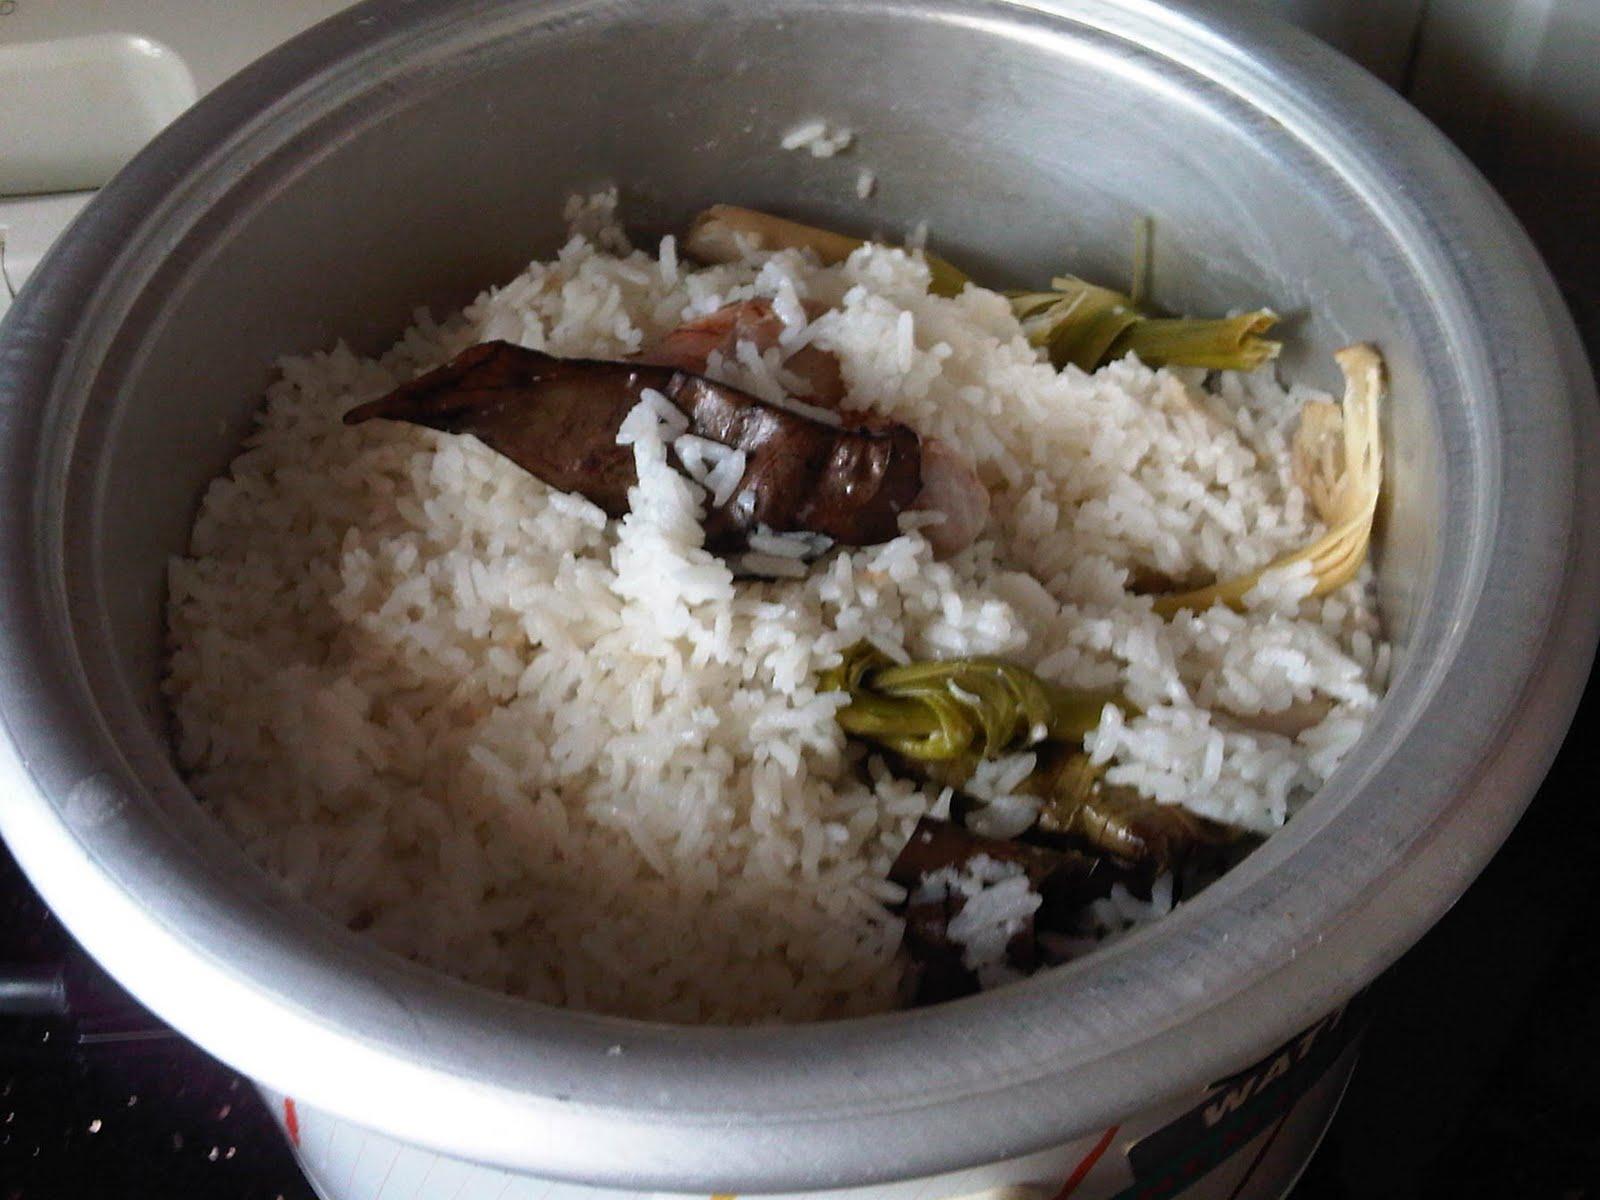 [Video] Kumpulan Resep Masakan Simple Hanya 15 Menit Pakai Rice Cooker